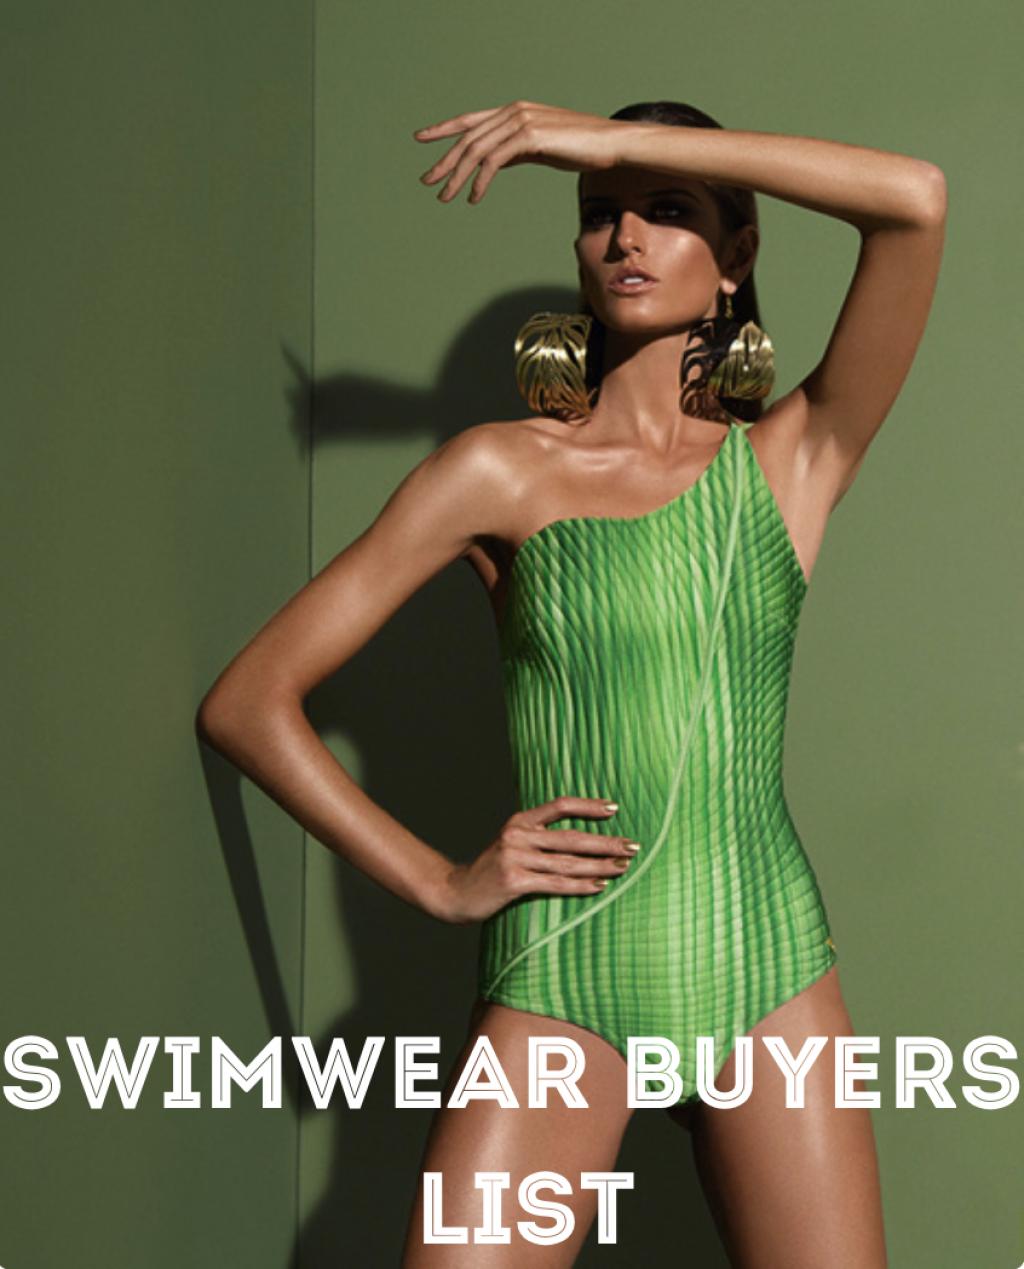 Swimwear Buyers List 500